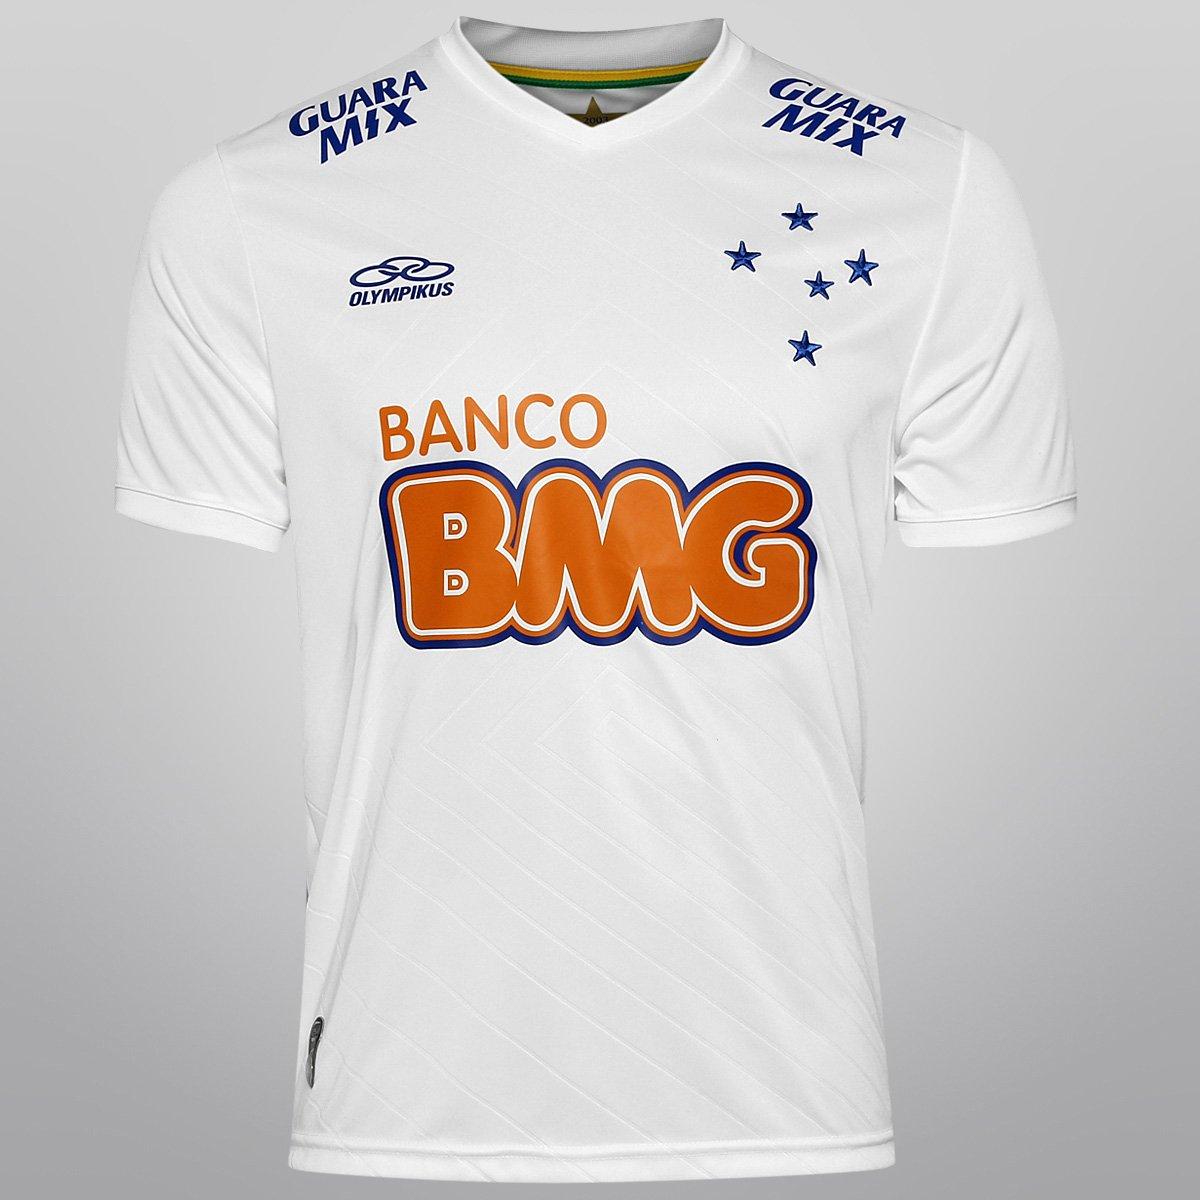 Camisa Olympikus Cruzeiro II 2014 nº 10 - Compre Agora  f0889758c1d6a